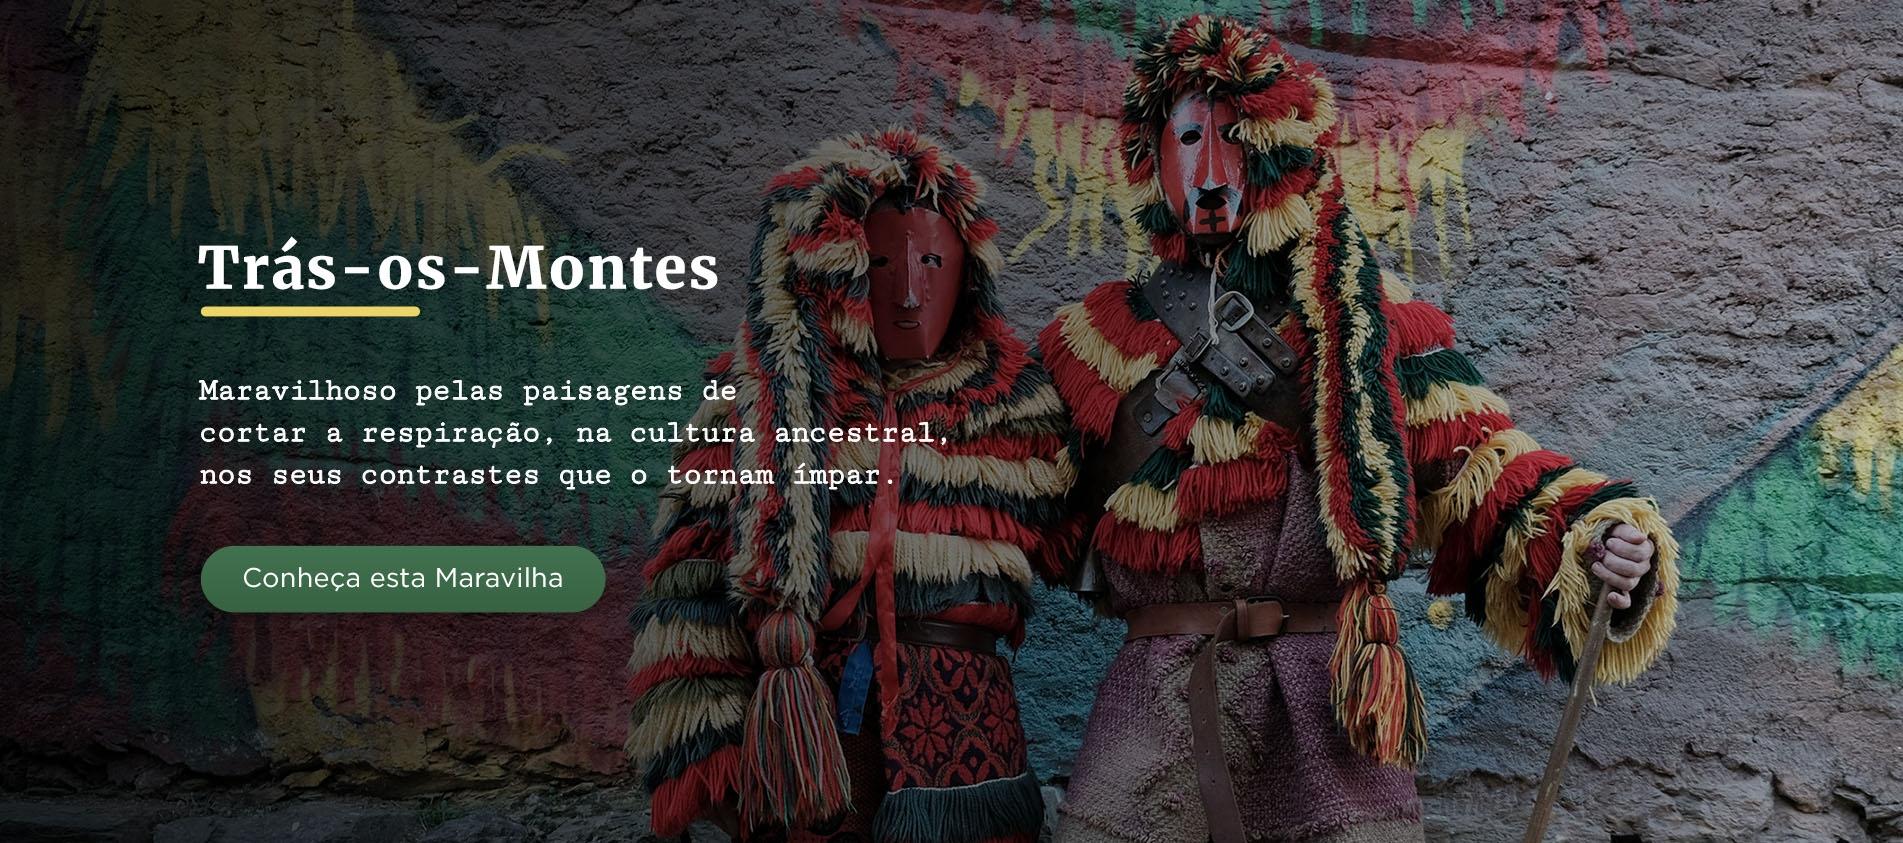 Cultura de Trás-os-Montes - Meirinho Biológico